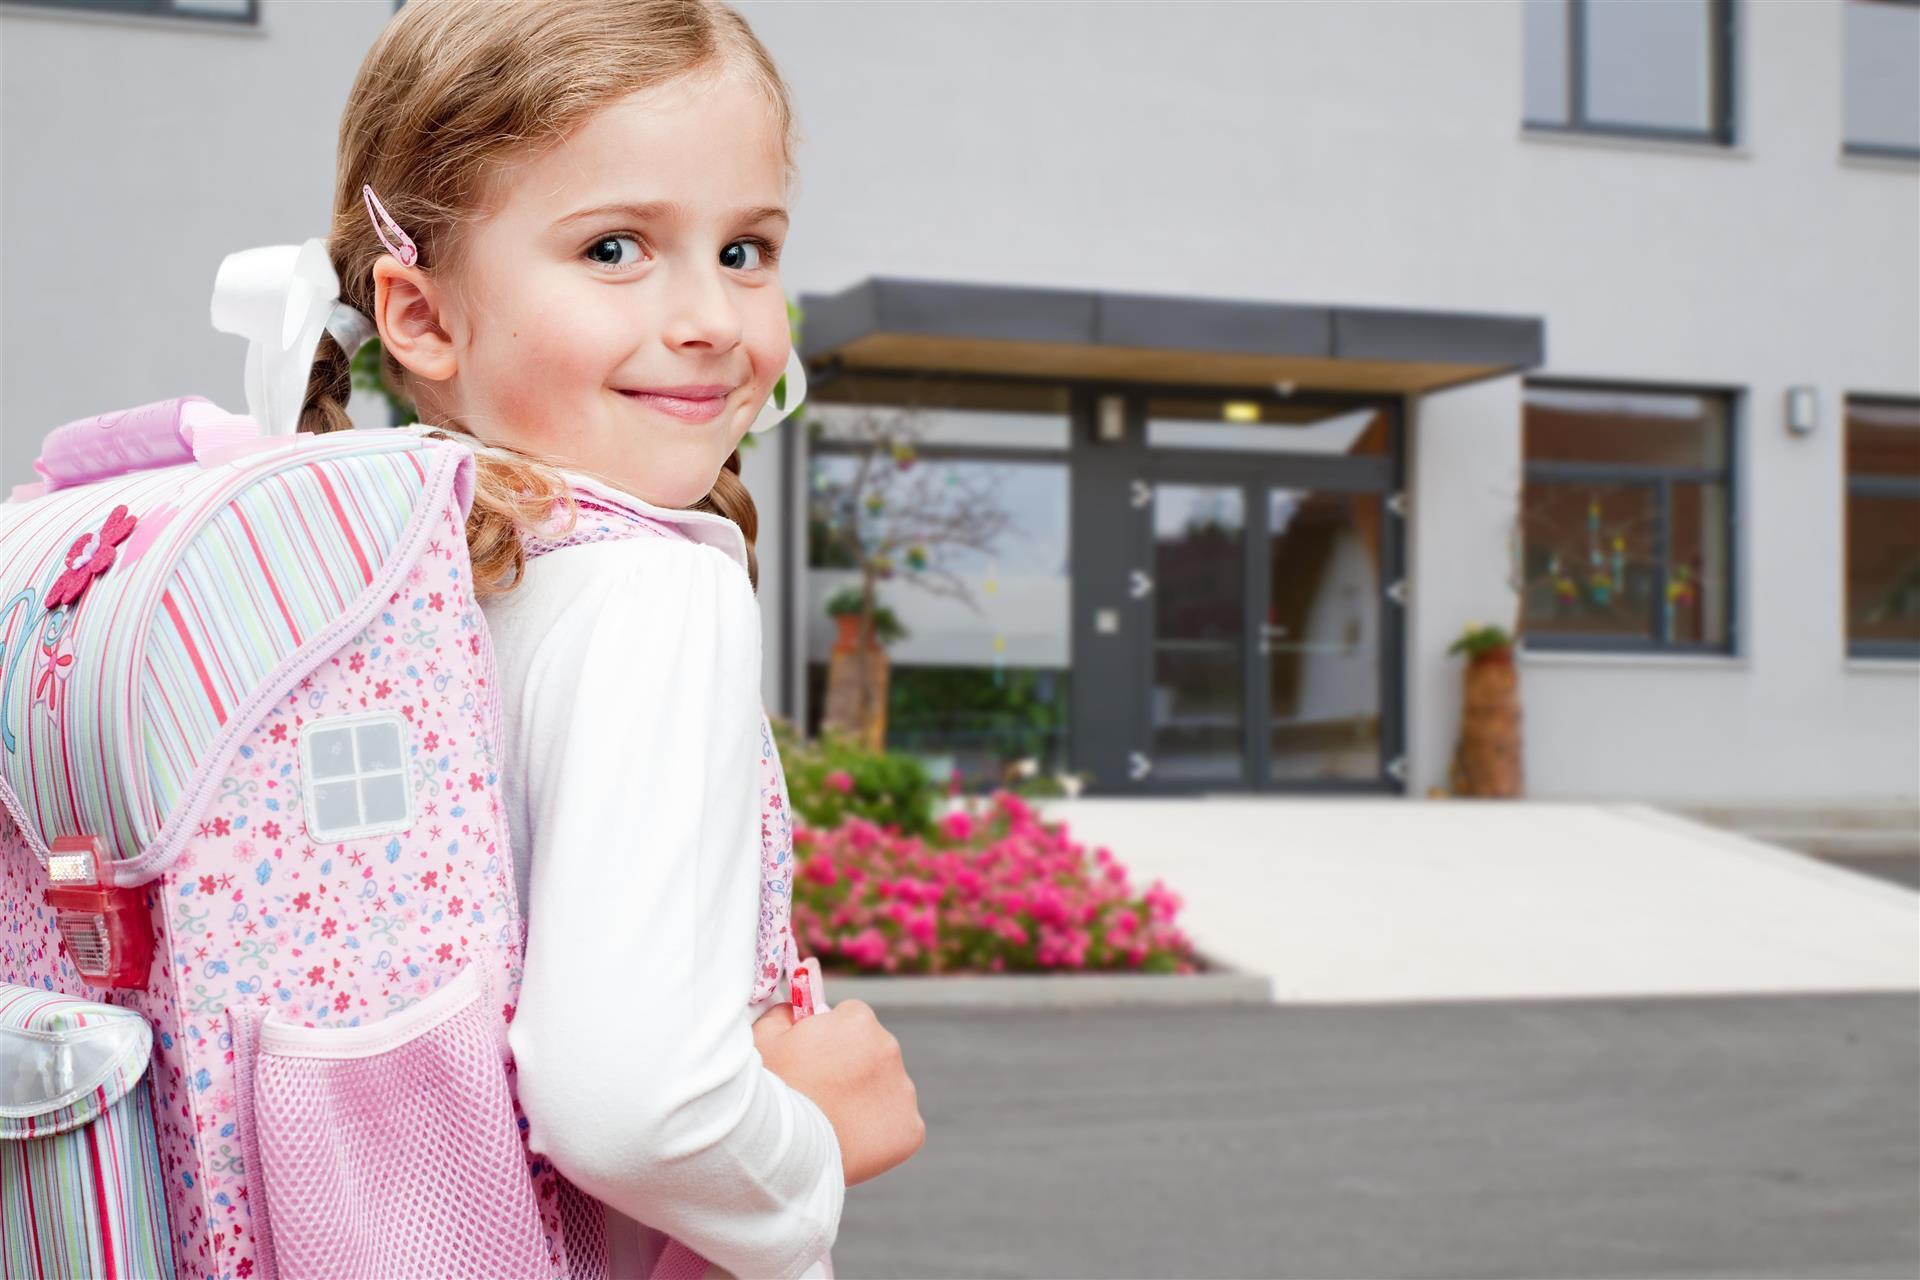 Photo of اسئلة للطفل بعد المدرسة مهمة جداً لازم كل يوم تسأليها لطفلك